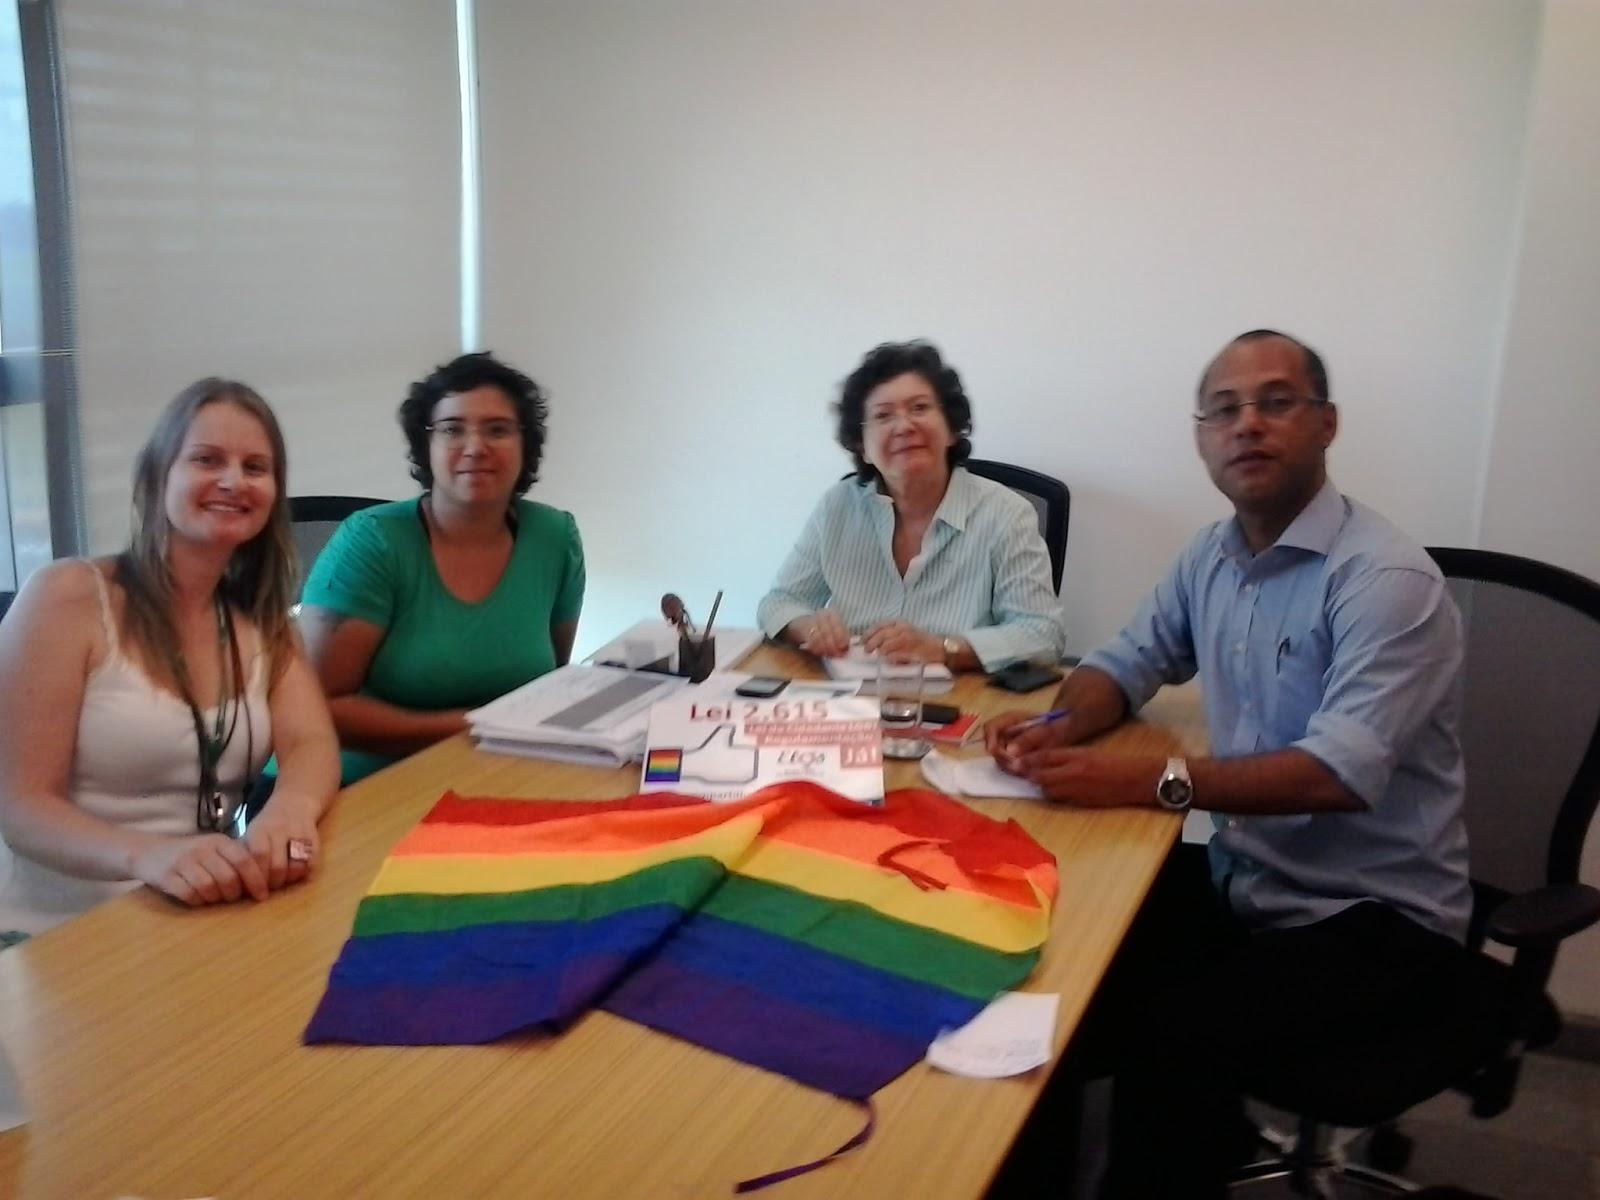 Arlete Sampaio com membros do Grupo Elos LGBT do DF (Foto: Reprodução/Elos)